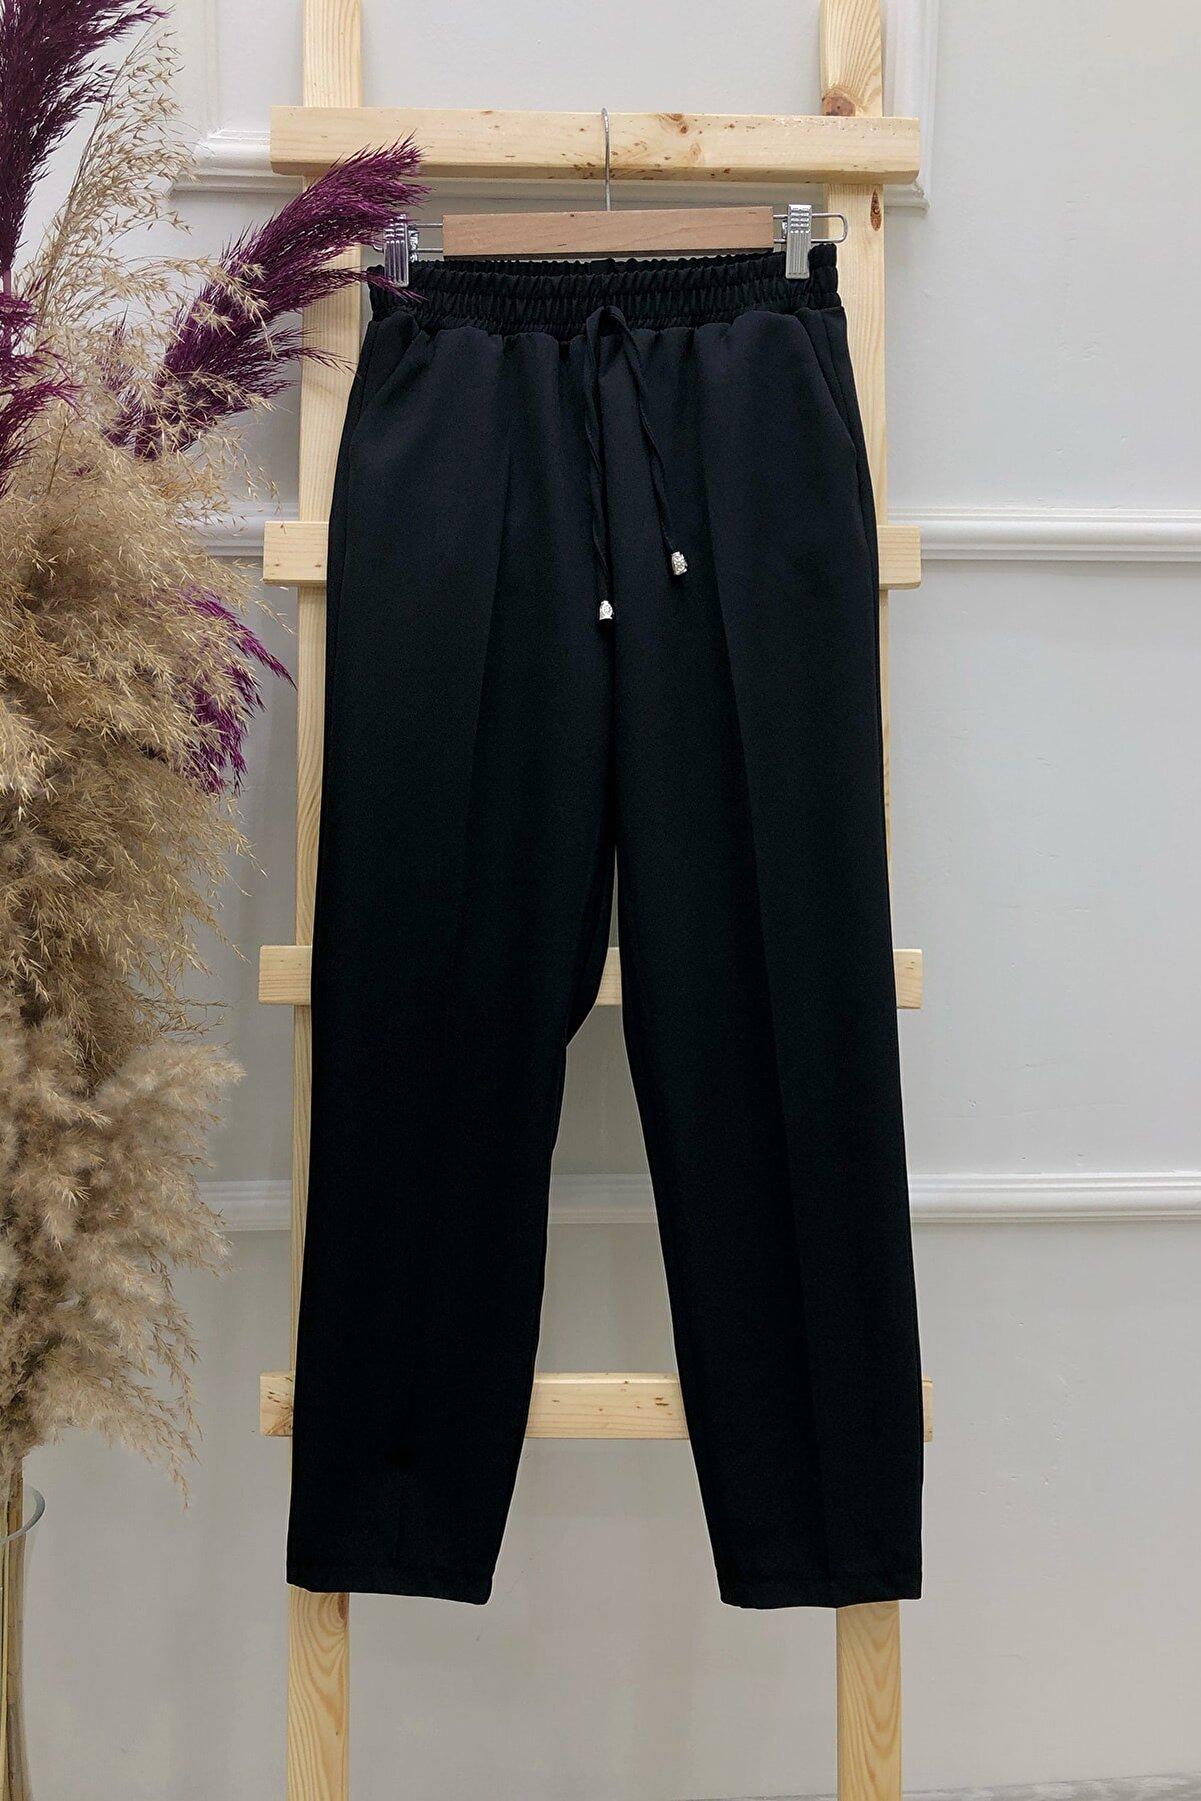 MODAQU Kadın Siyah Cepli Dar Paça Pantolon